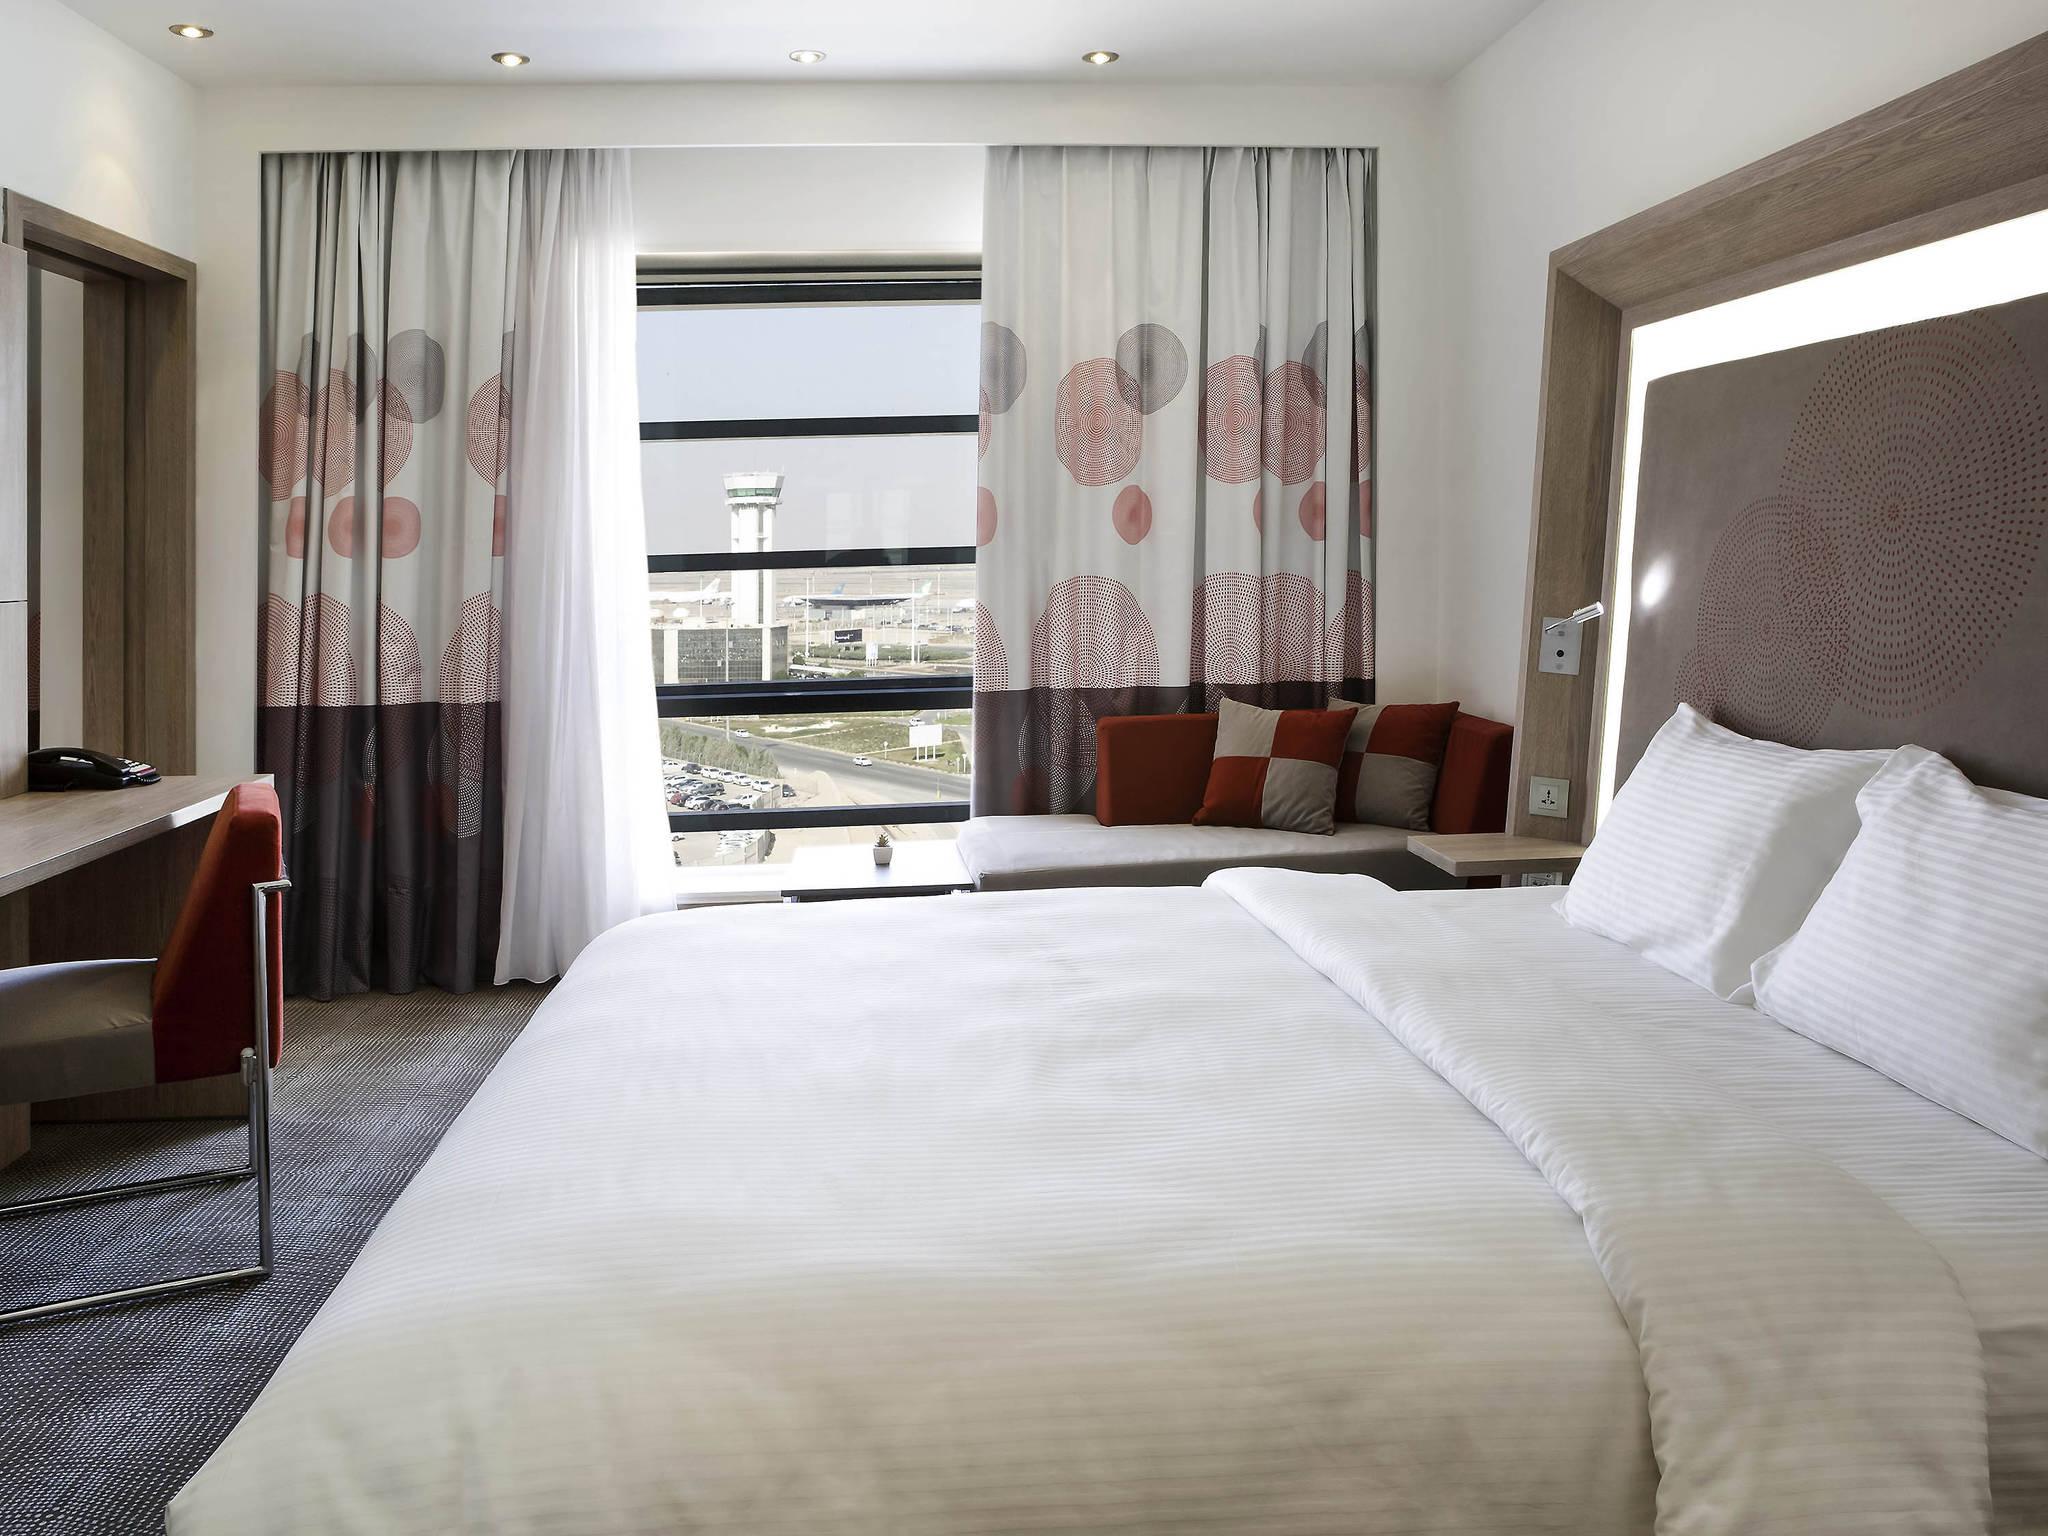 酒店 – 德黑兰伊玛目霍梅尼国际机场诺富特酒店